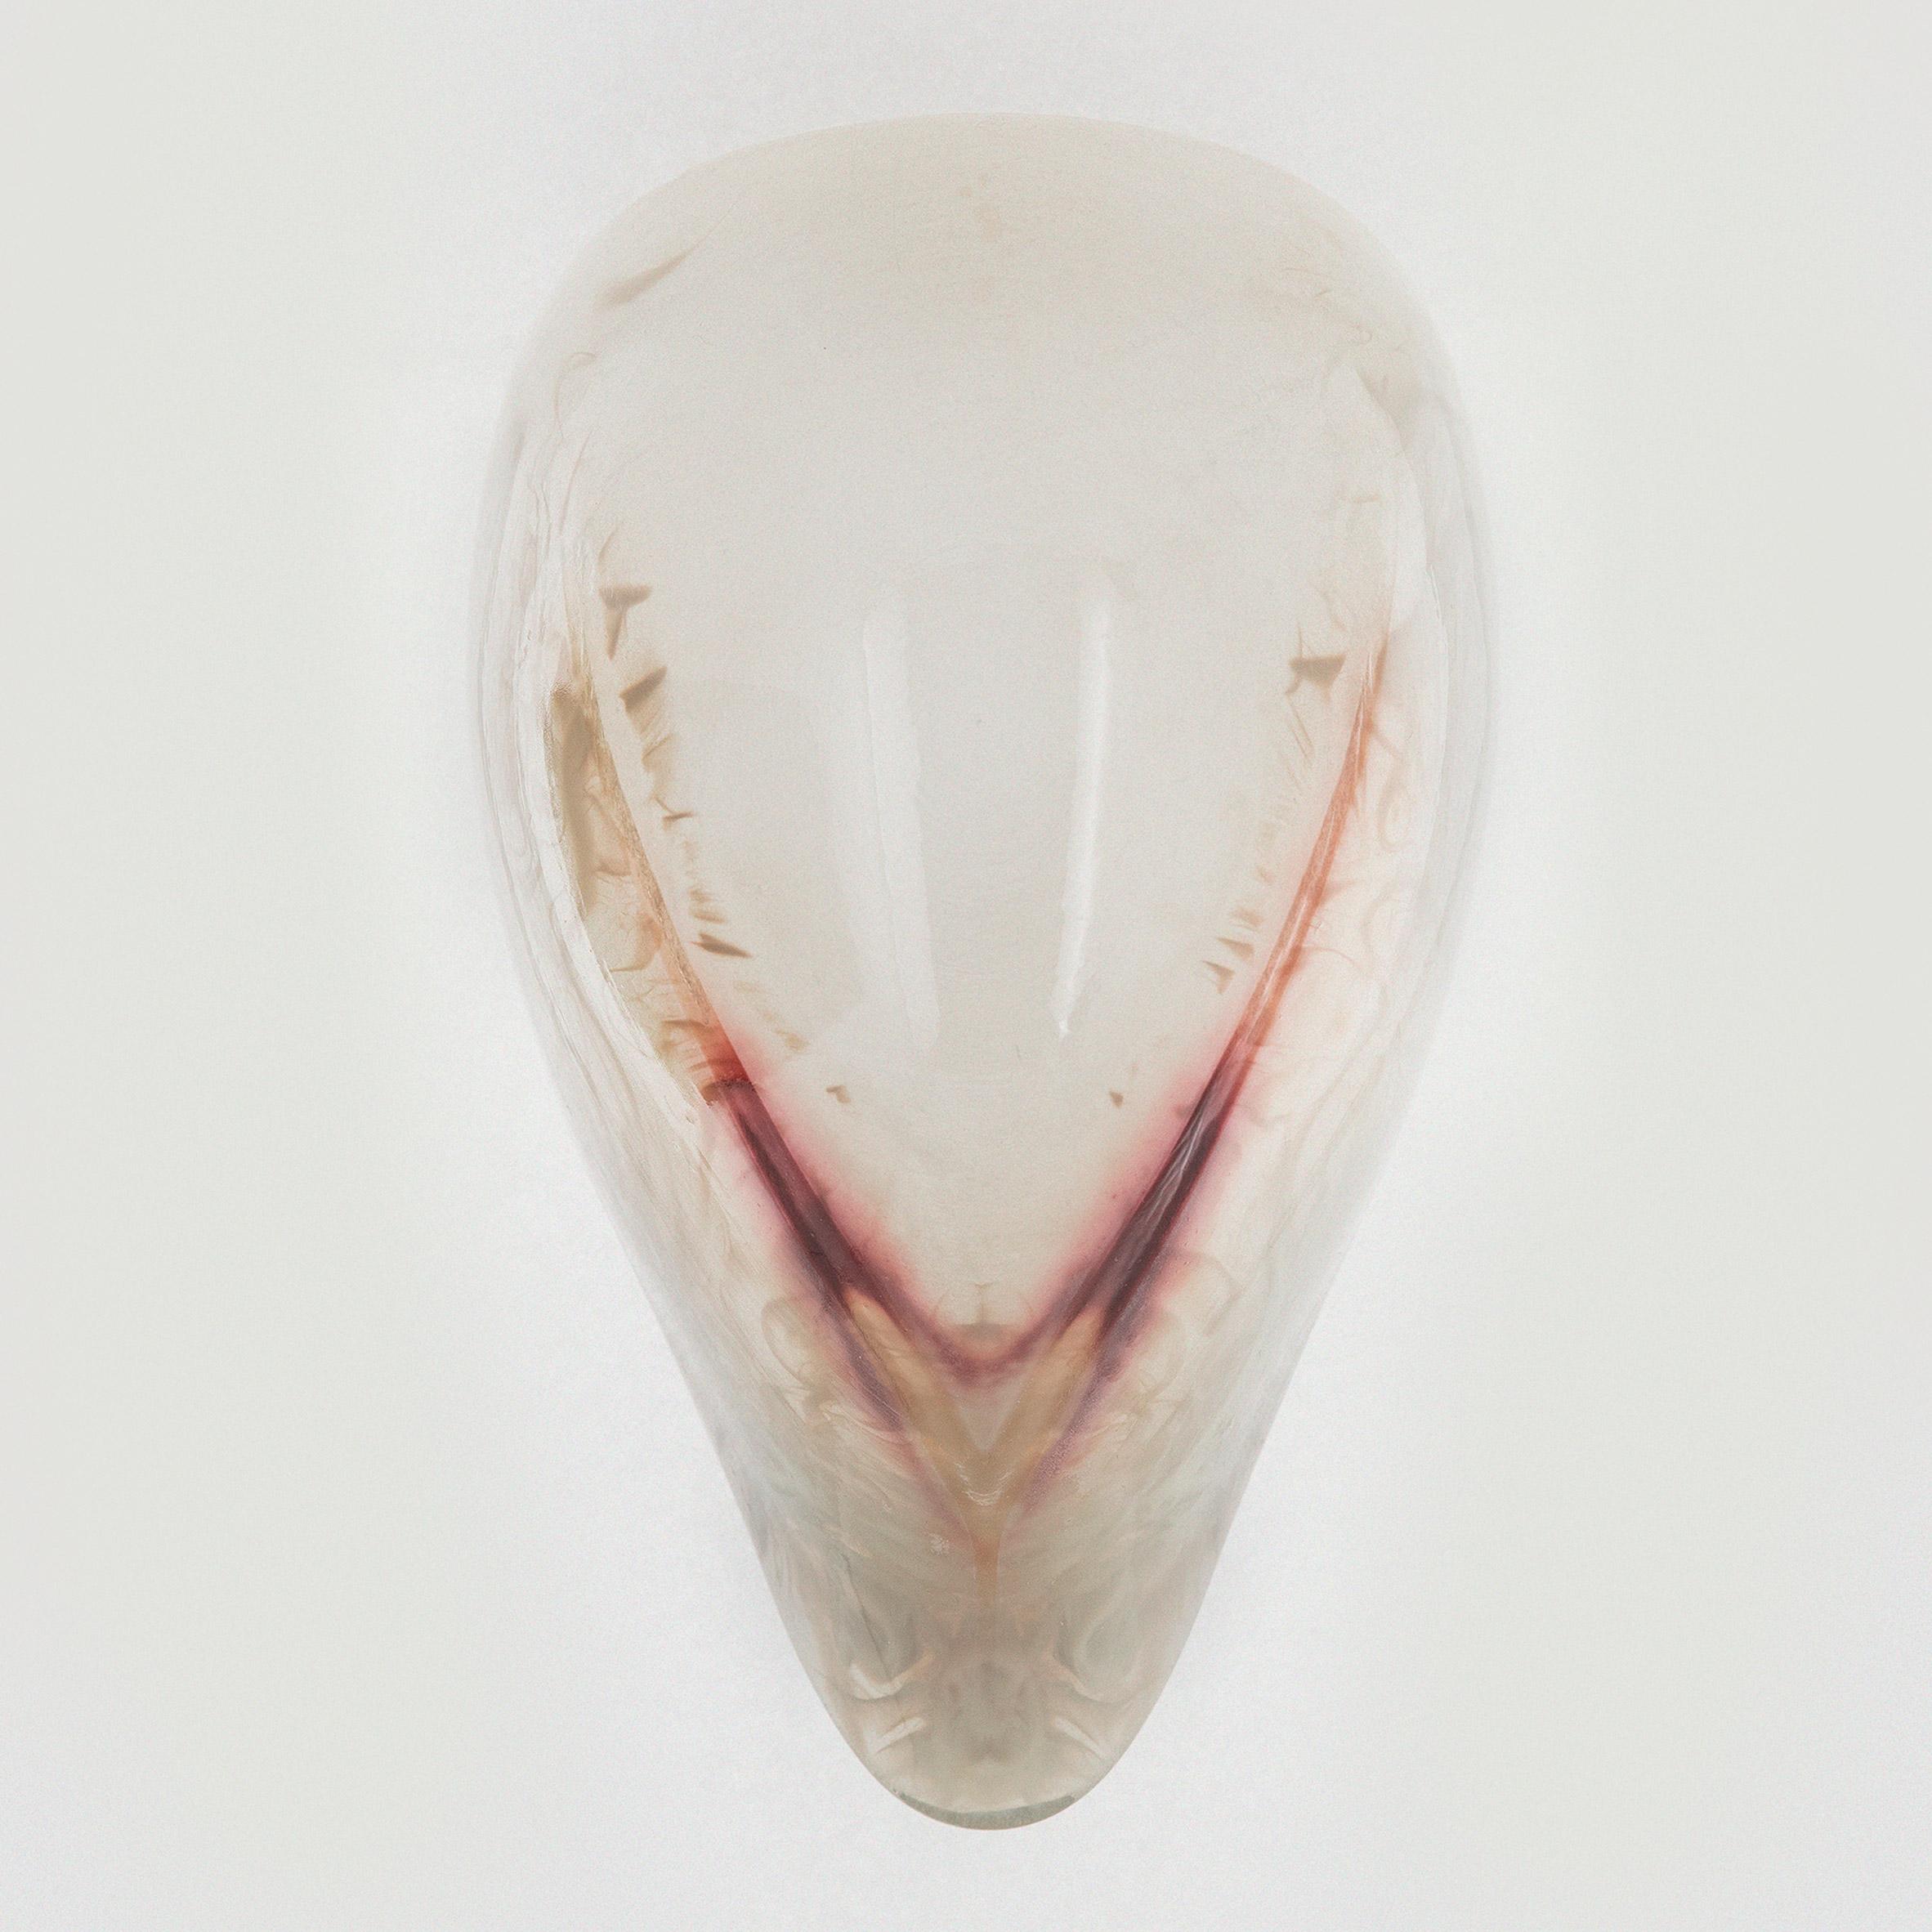 neri-oxman-vespers-death-masks-mit-media-lab_dezeen_2364_col_0